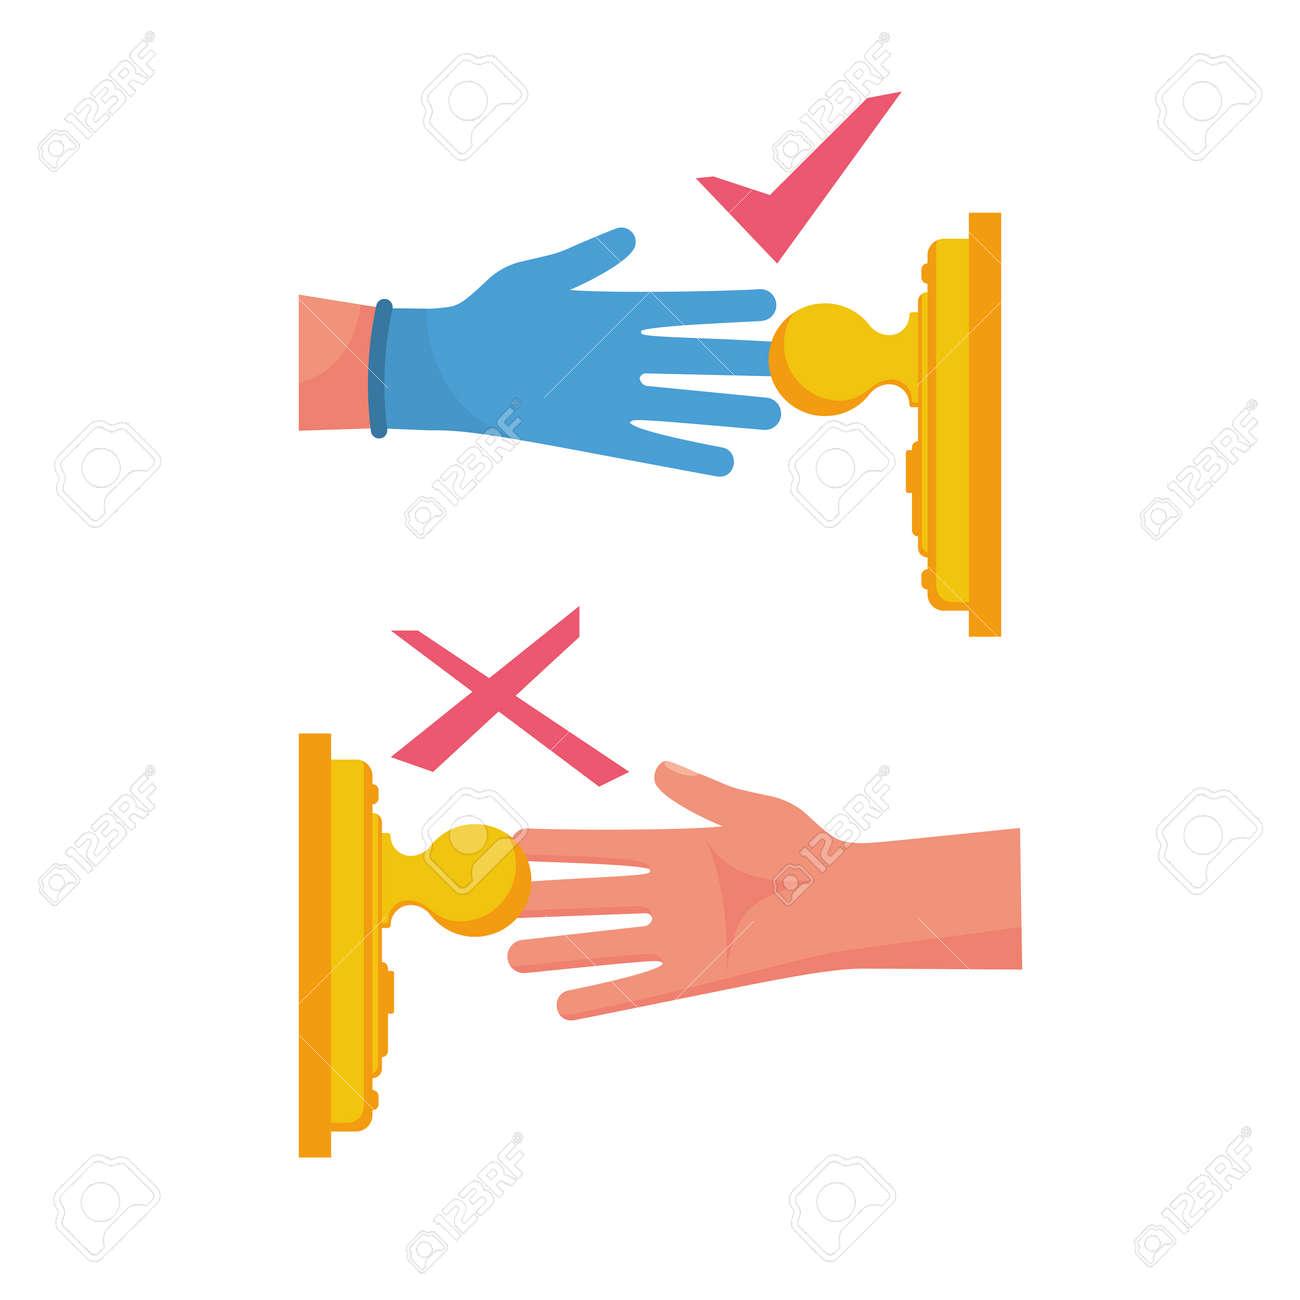 Precautions coronavirus. Infographic elements how to open door. Safety, antibacterial methods of combating diseases. Handle in protective gloves. Vector cartoon design. Danger of disease covid 19. - 144208864